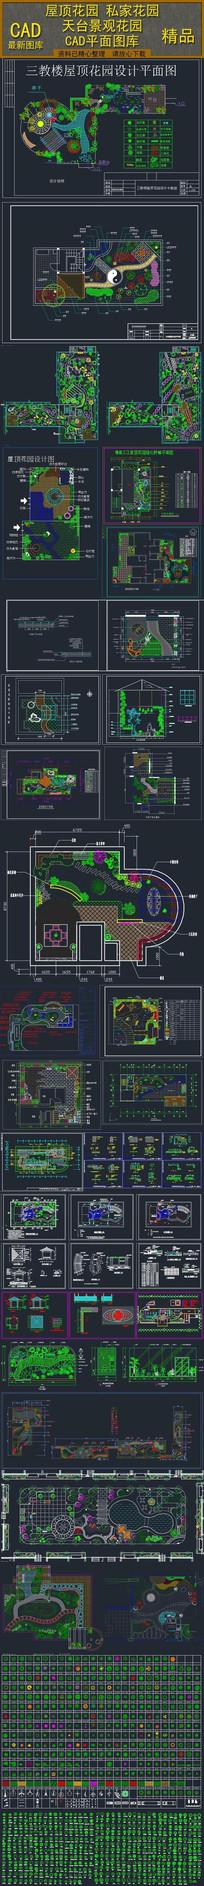 天台景观花园私家花园屋顶花园CAD平面图库